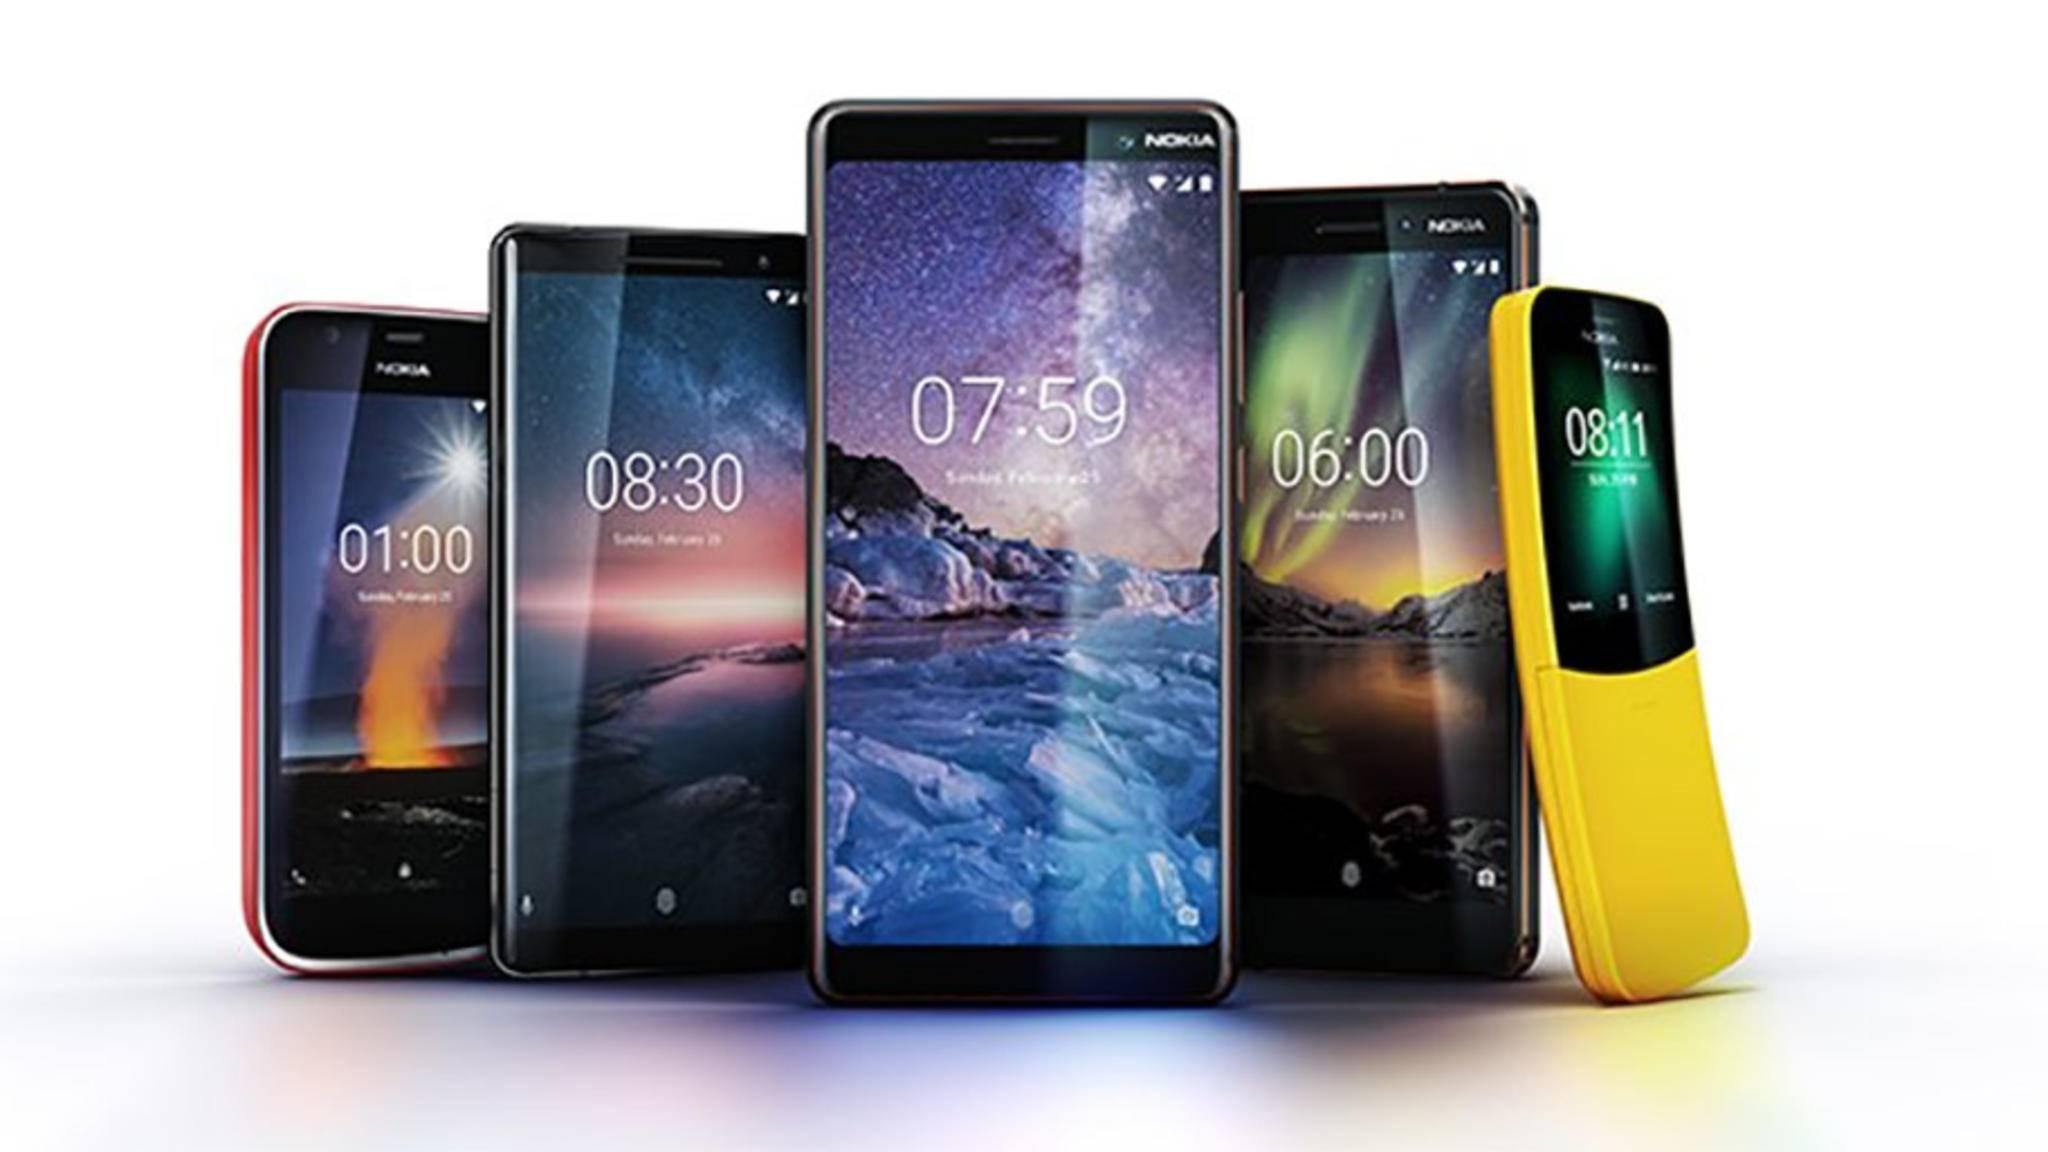 Nokia hat auf dem MWC eine ganze Reihe neuer Smartphones und ein Flip-Phone präsentiert.